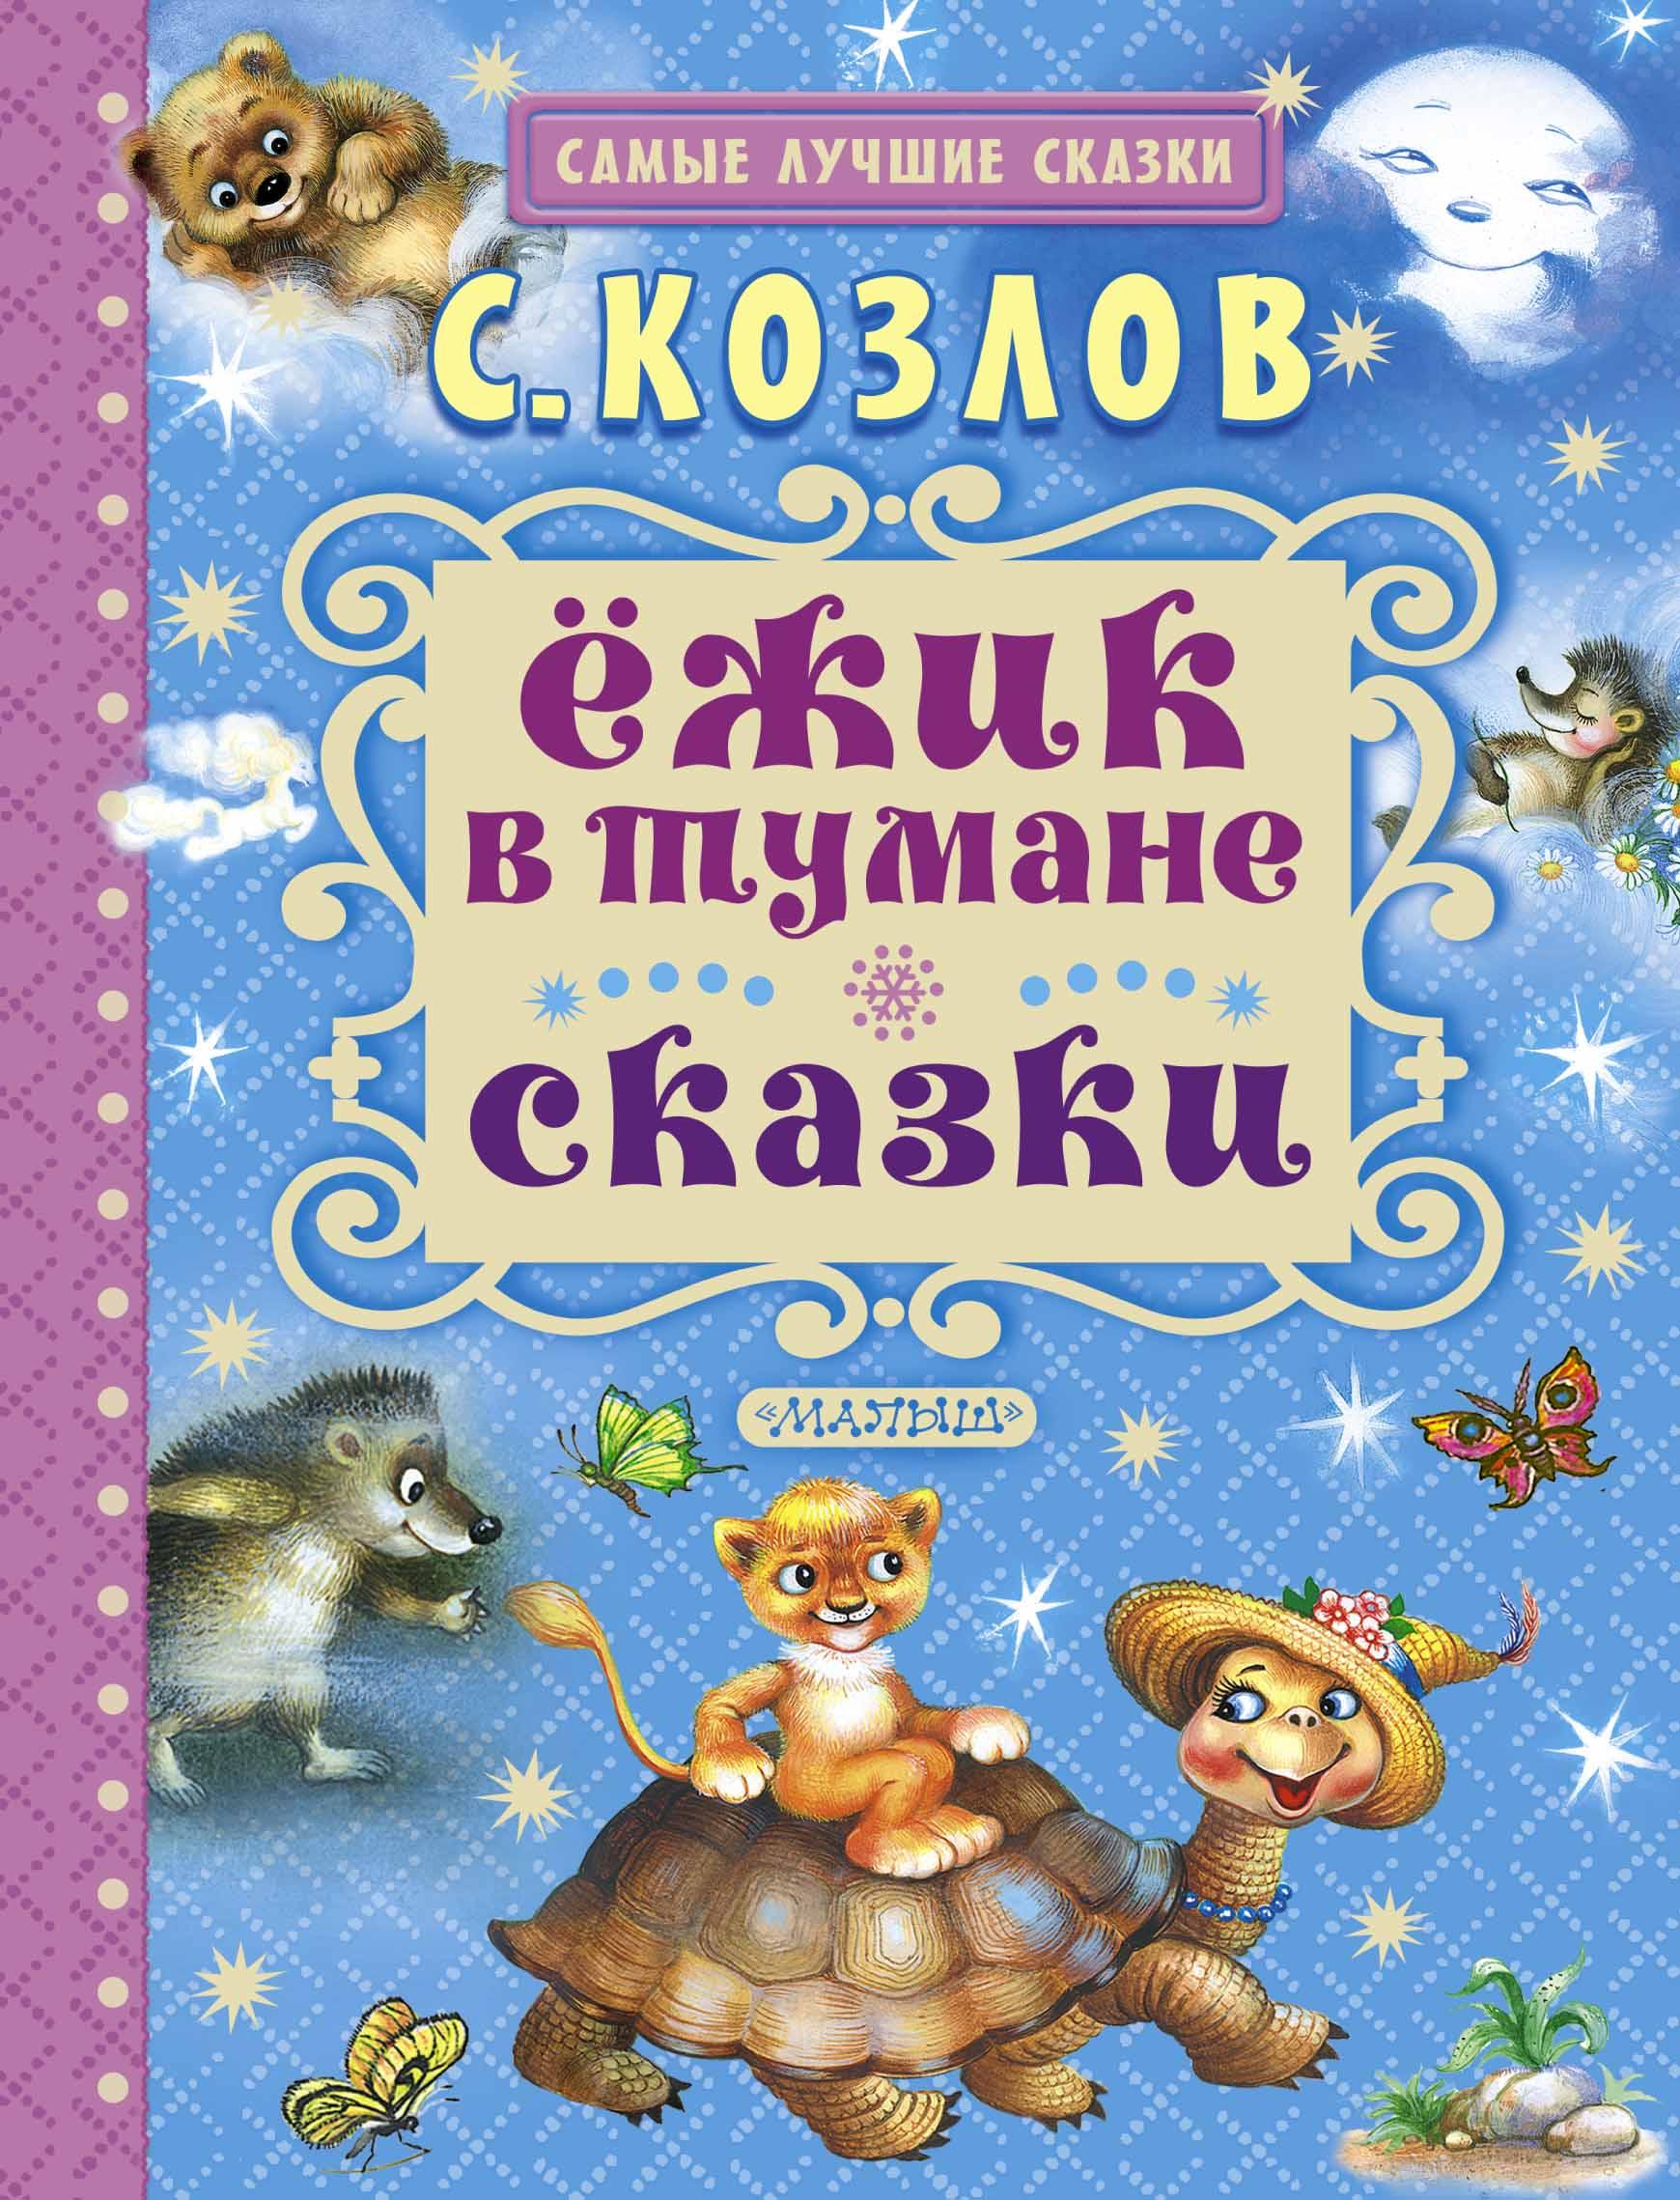 Сергей Козлов Ёжик в тумане. Сказки козлов с г ёжик в тумане сказки